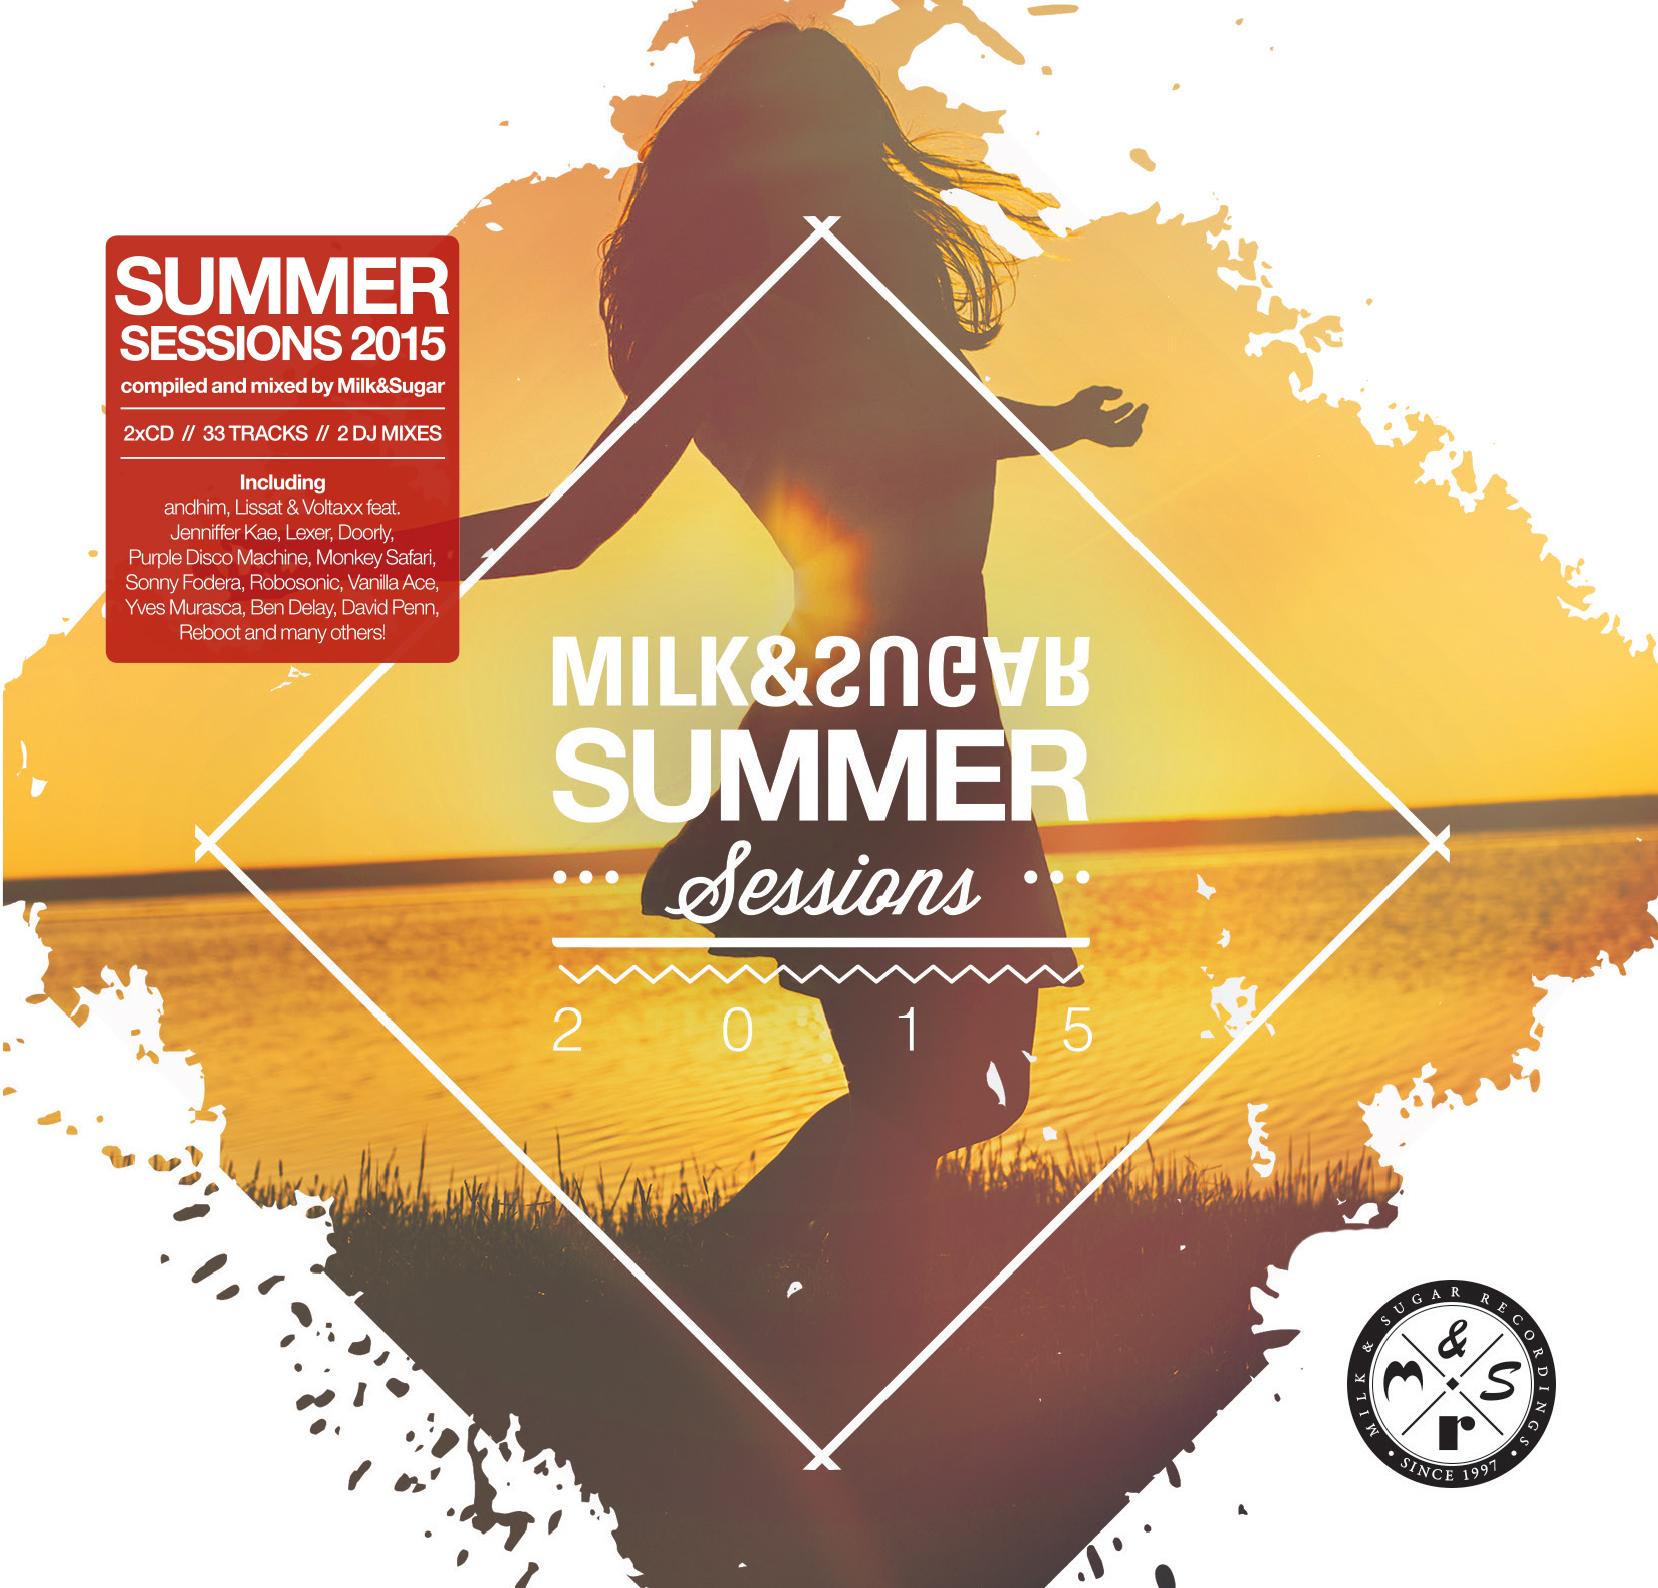 """Milk & Sugar präsentieren ihre """"Summer Sessions 2015"""""""